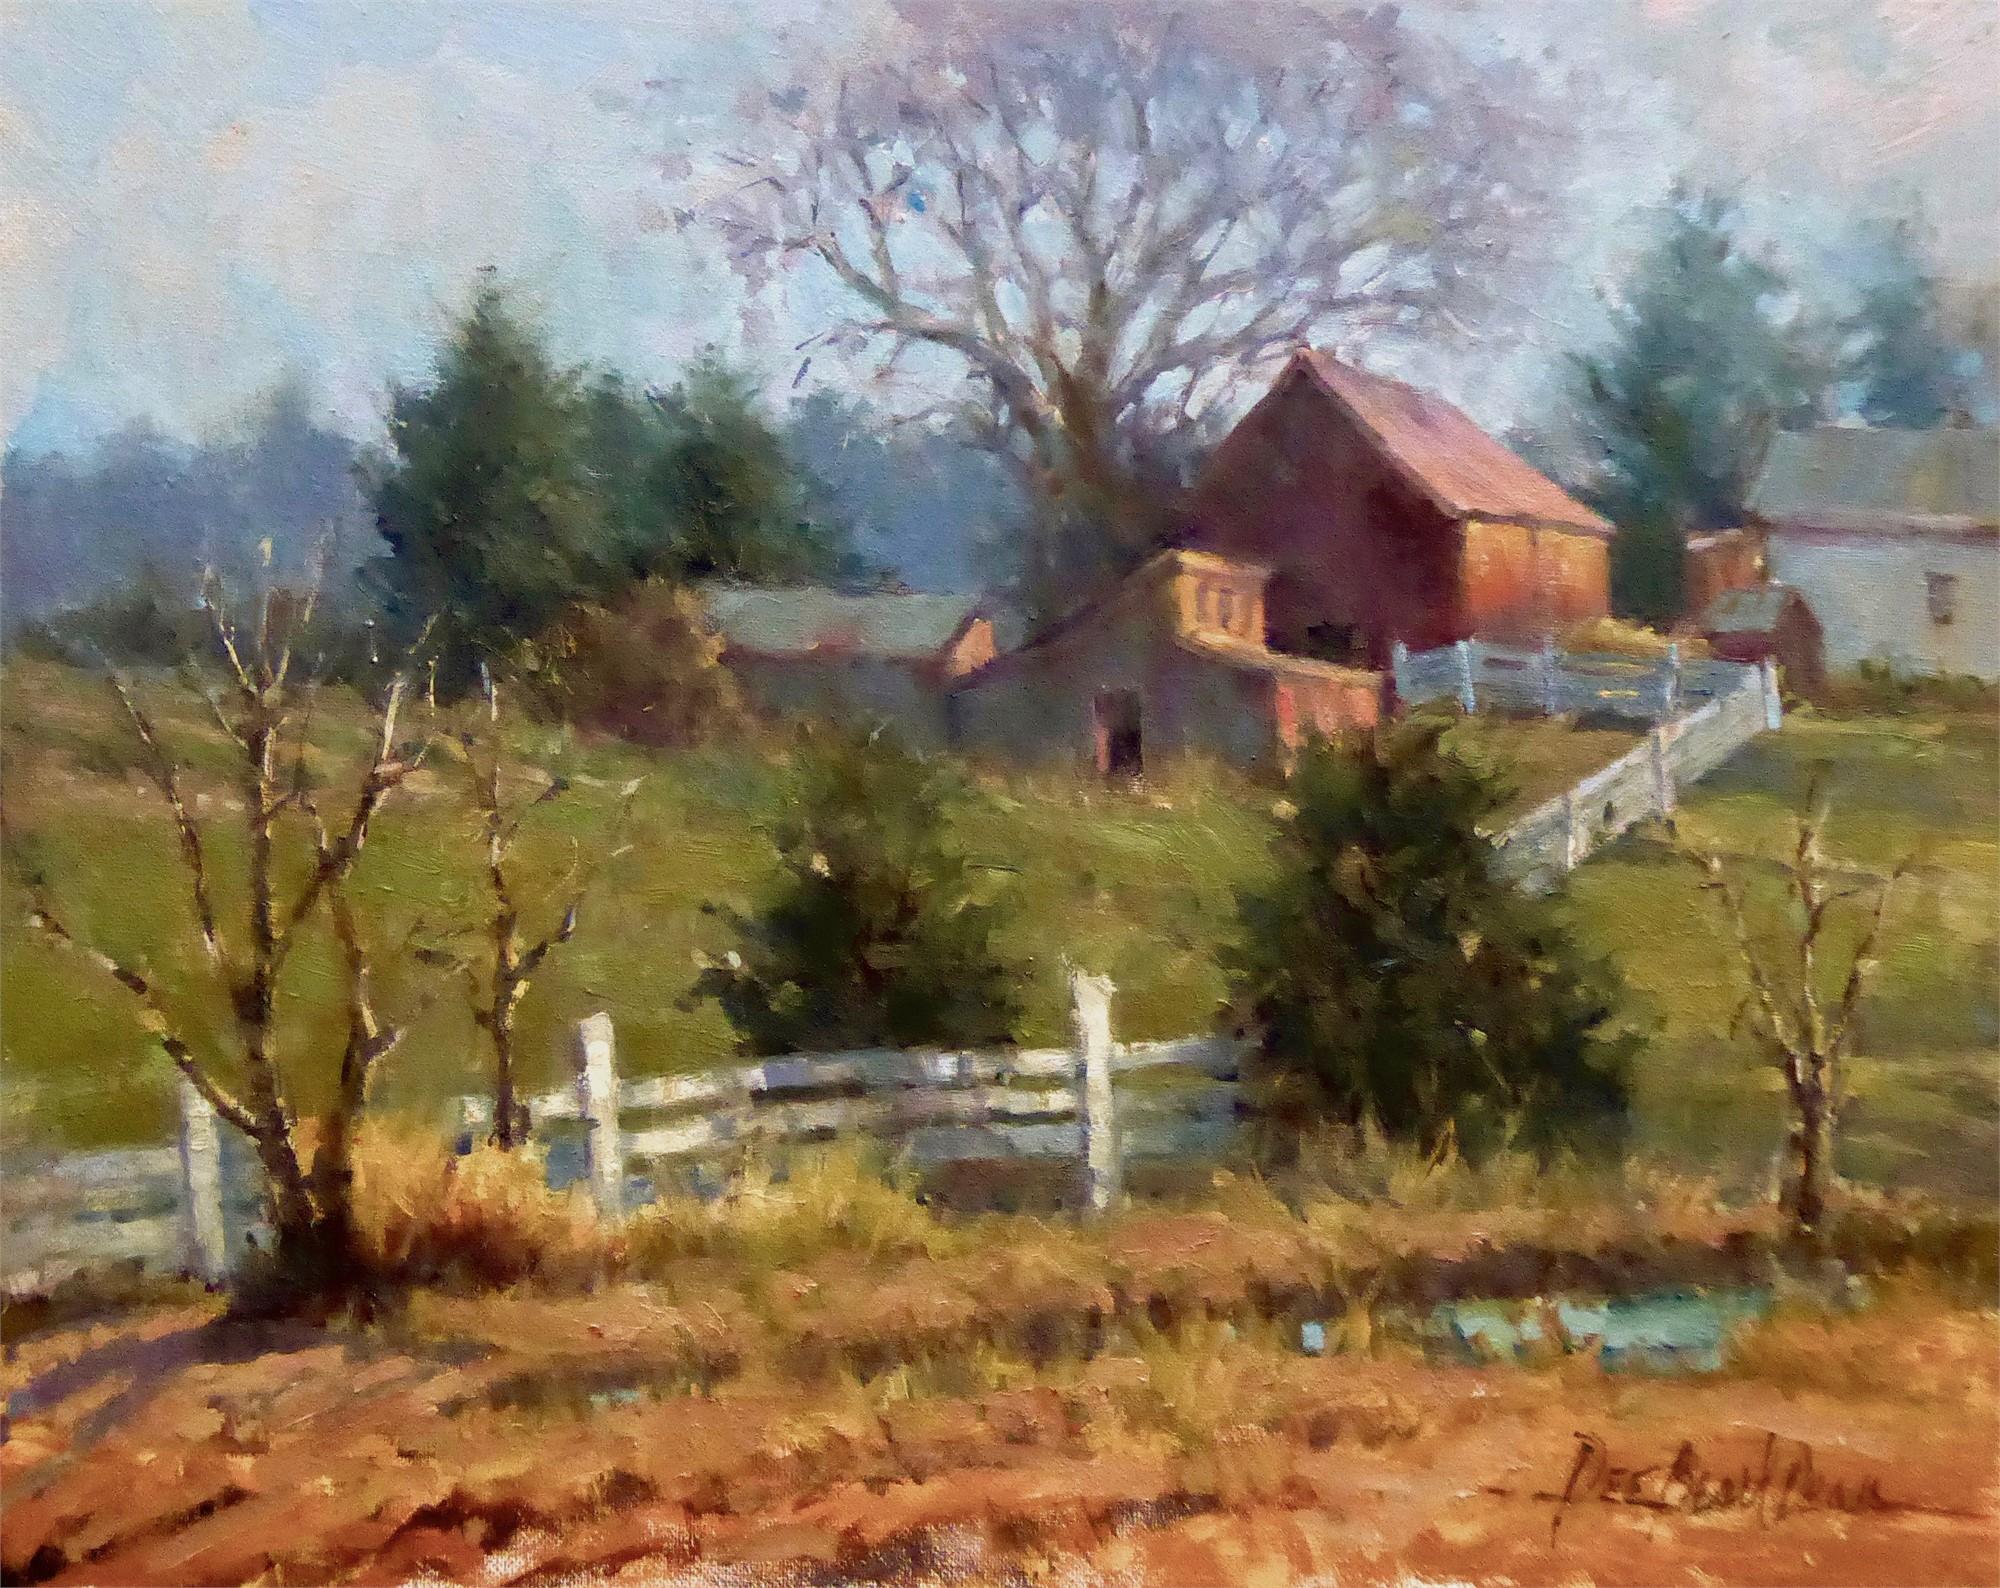 The Old Homestead by Dee Beard Dean